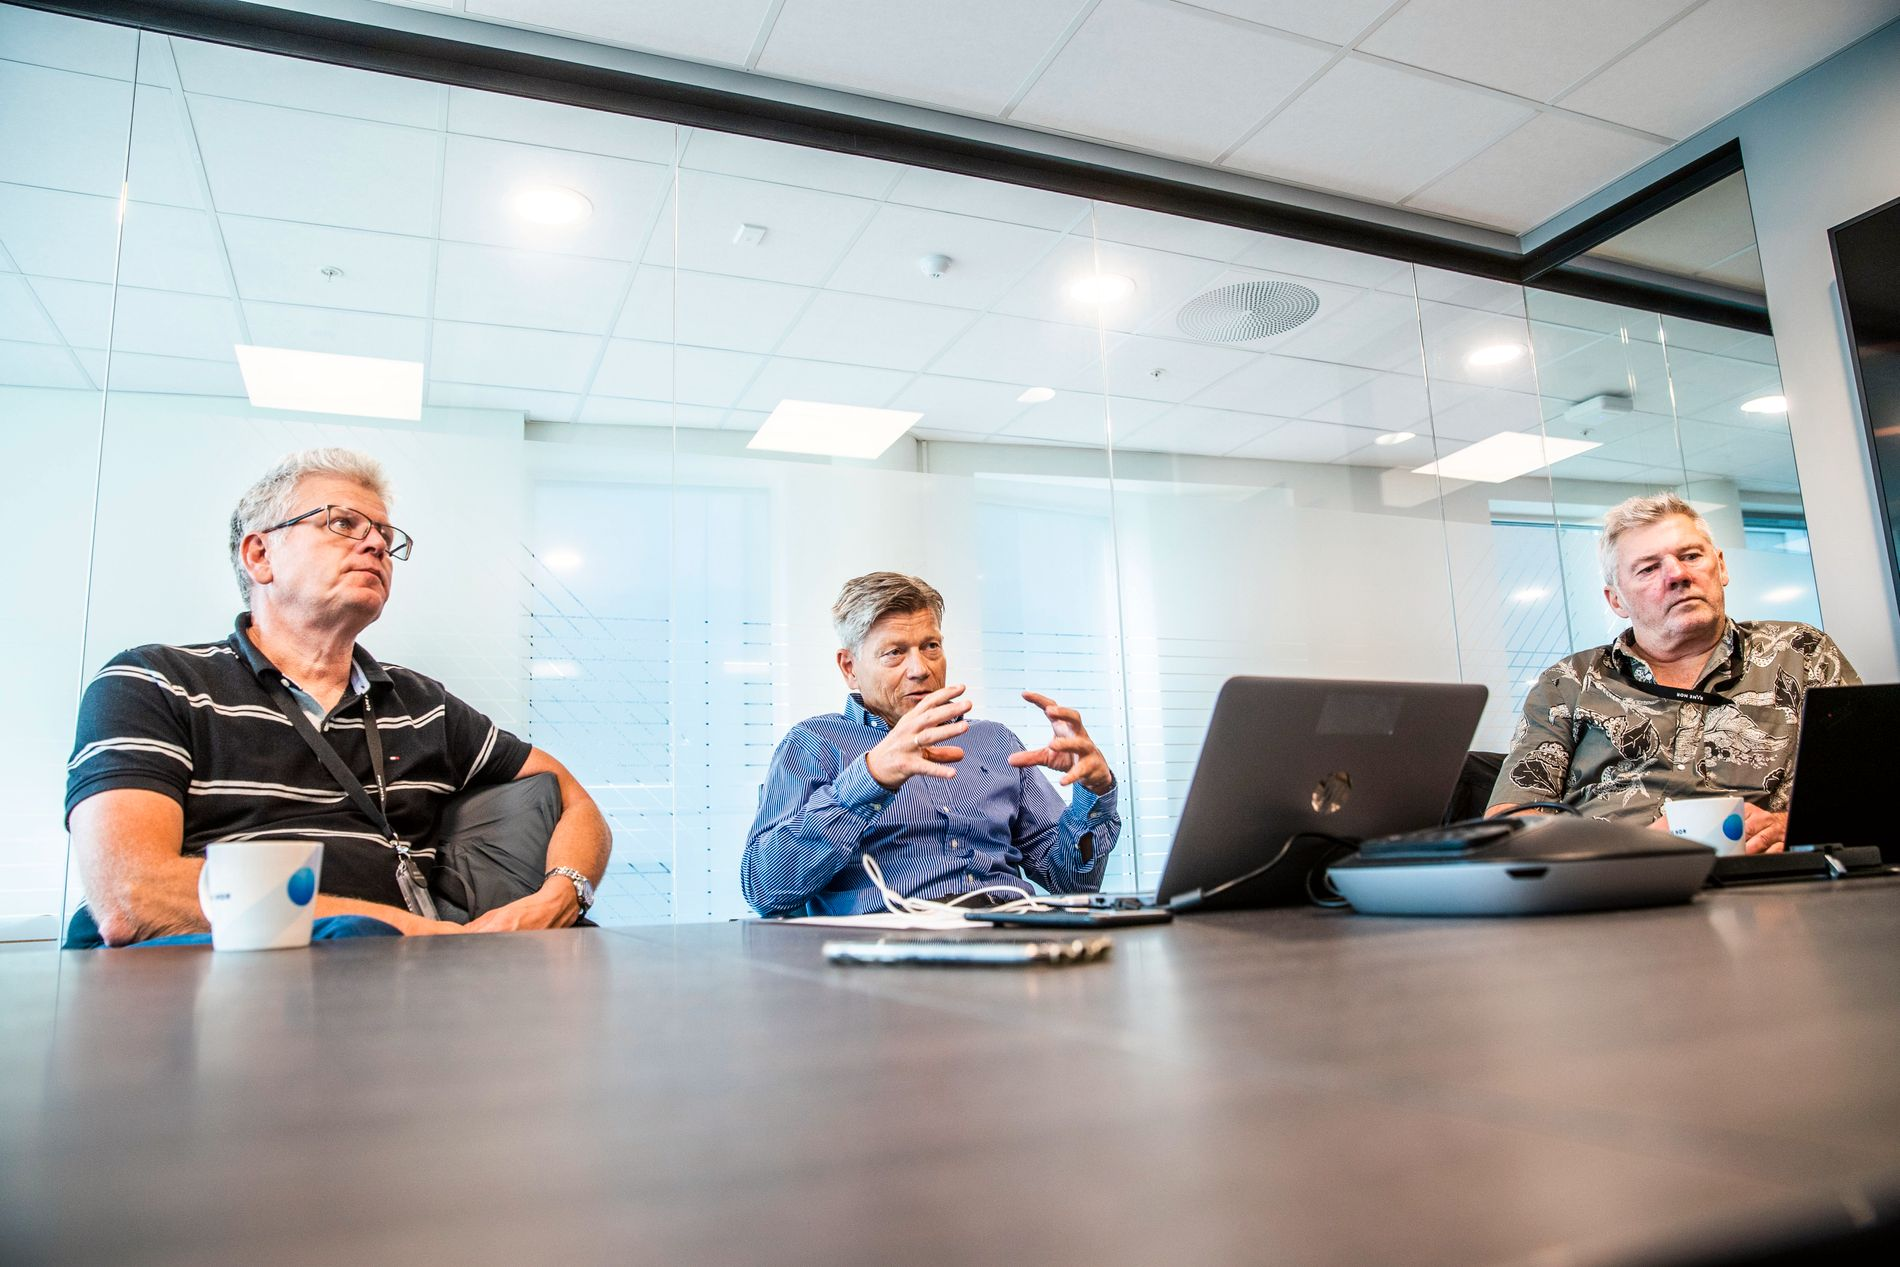 LANG TID: Snart fire måneder etter ulykken stiller flere representanter fra Bane NOR til intervju med VG. Fra venstre: Sverre Christensen (sikkerhetsrådgiver), Lars Berge (områdedirektør Oslo/Øst), Guttorm Moss (banesjef Oslo).